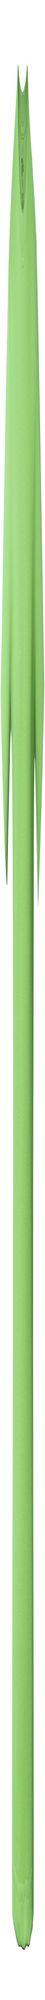 Футболка T-Bolka 160, зеленое яблоко